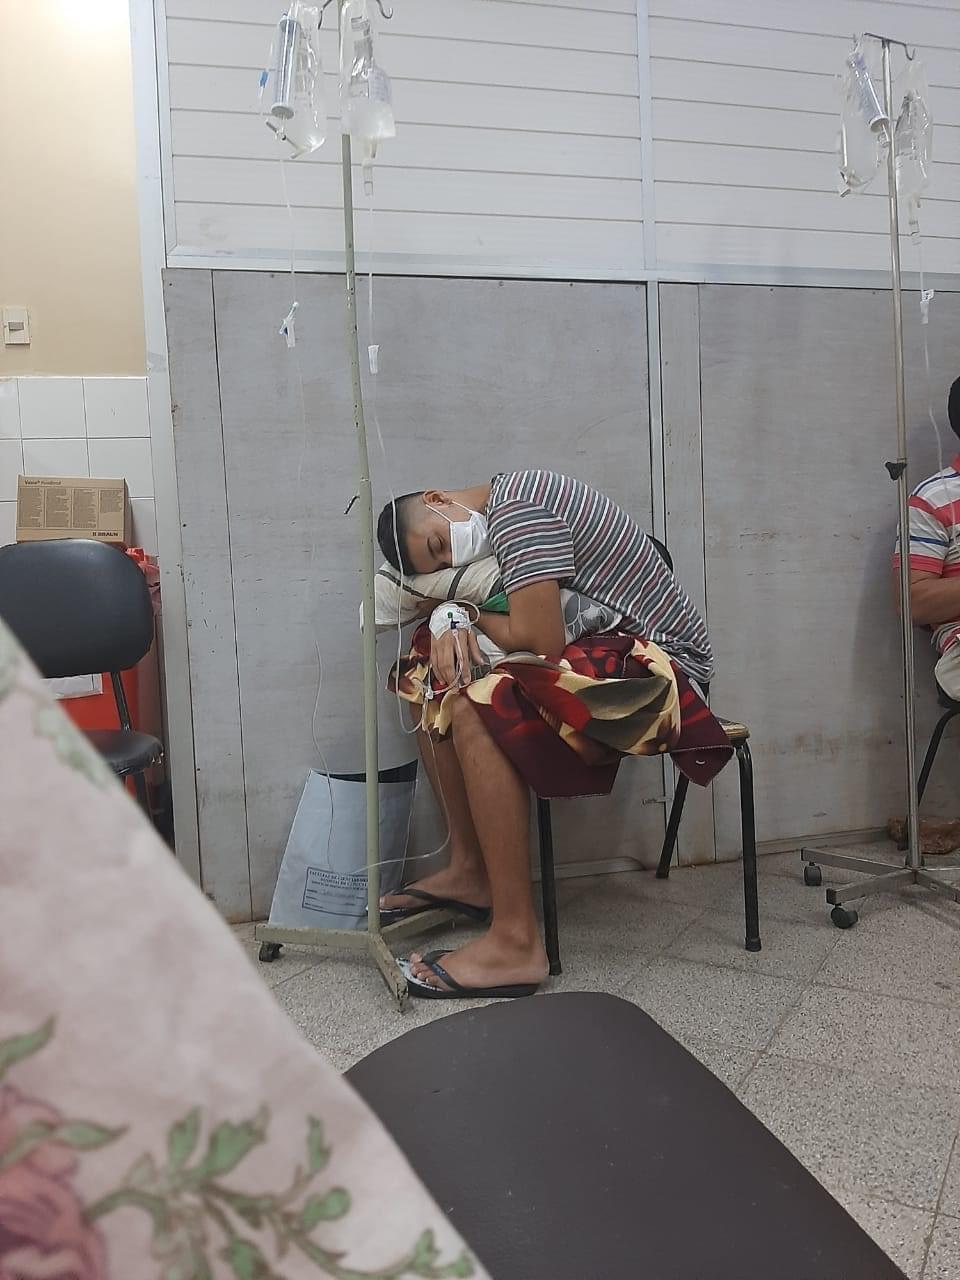 Esta imagen se hizo viral en redes sociales, donde muestra como se encuentran los pacientes esperando por una cama en el Hospital de Clínicas.